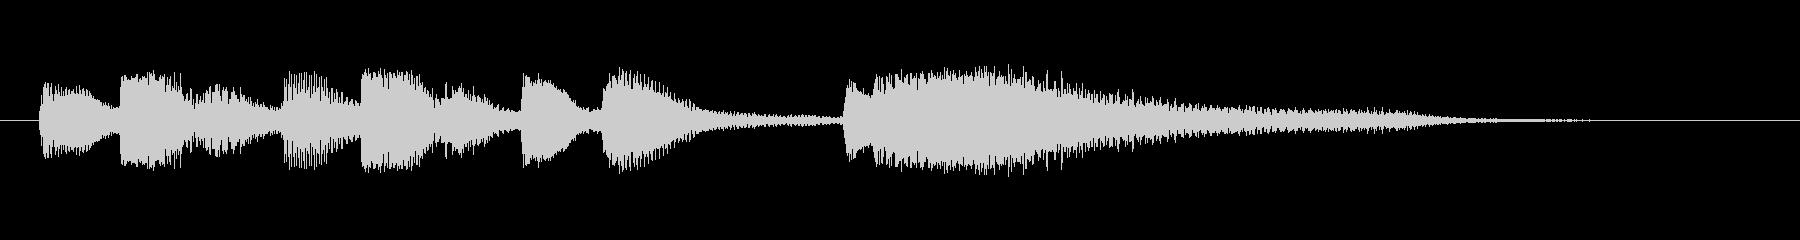 ピアノだけのシンプルな短いジングルです。の未再生の波形